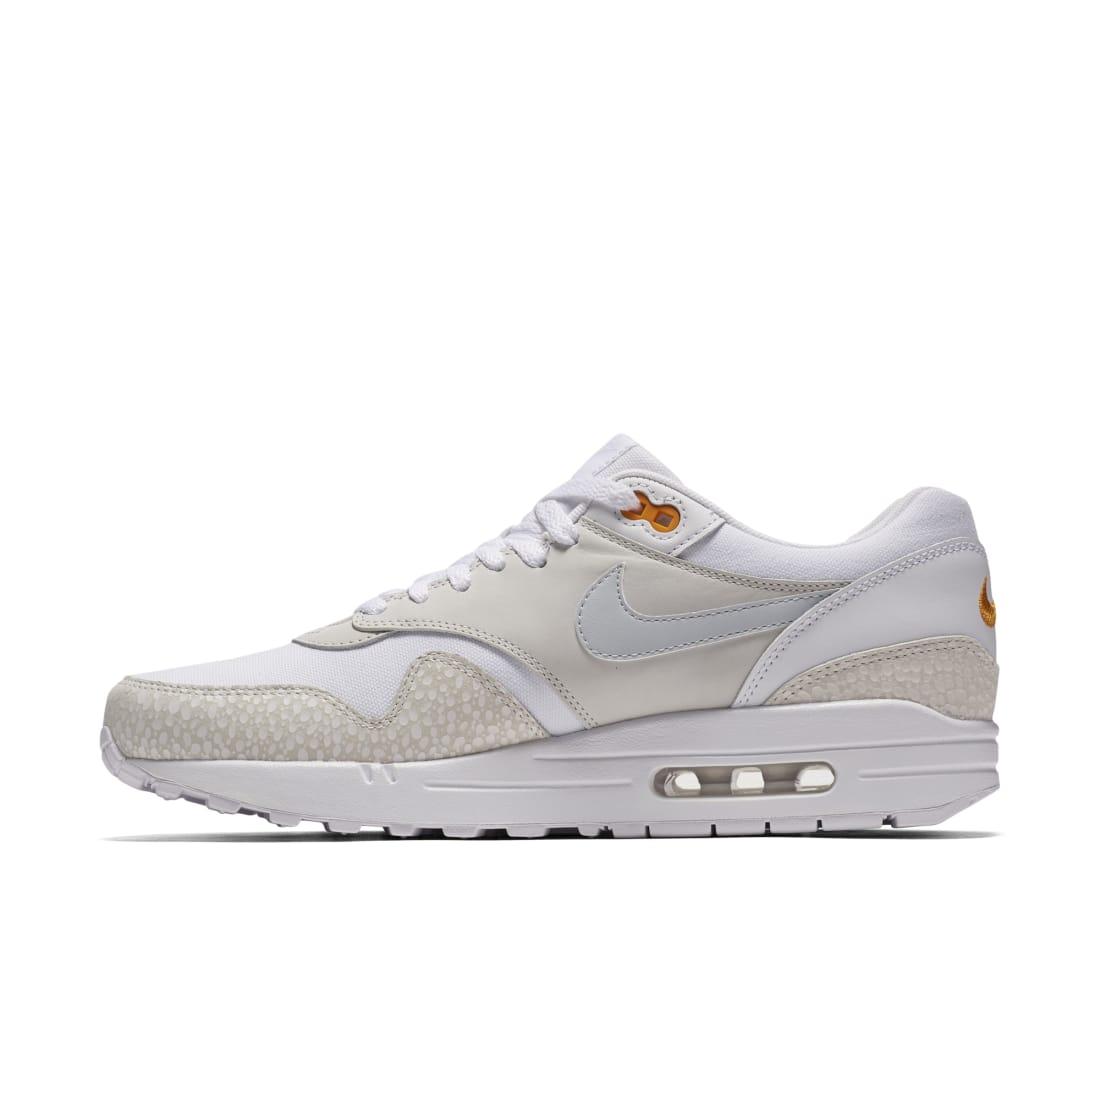 Nike Air Max 1 White Kumquat